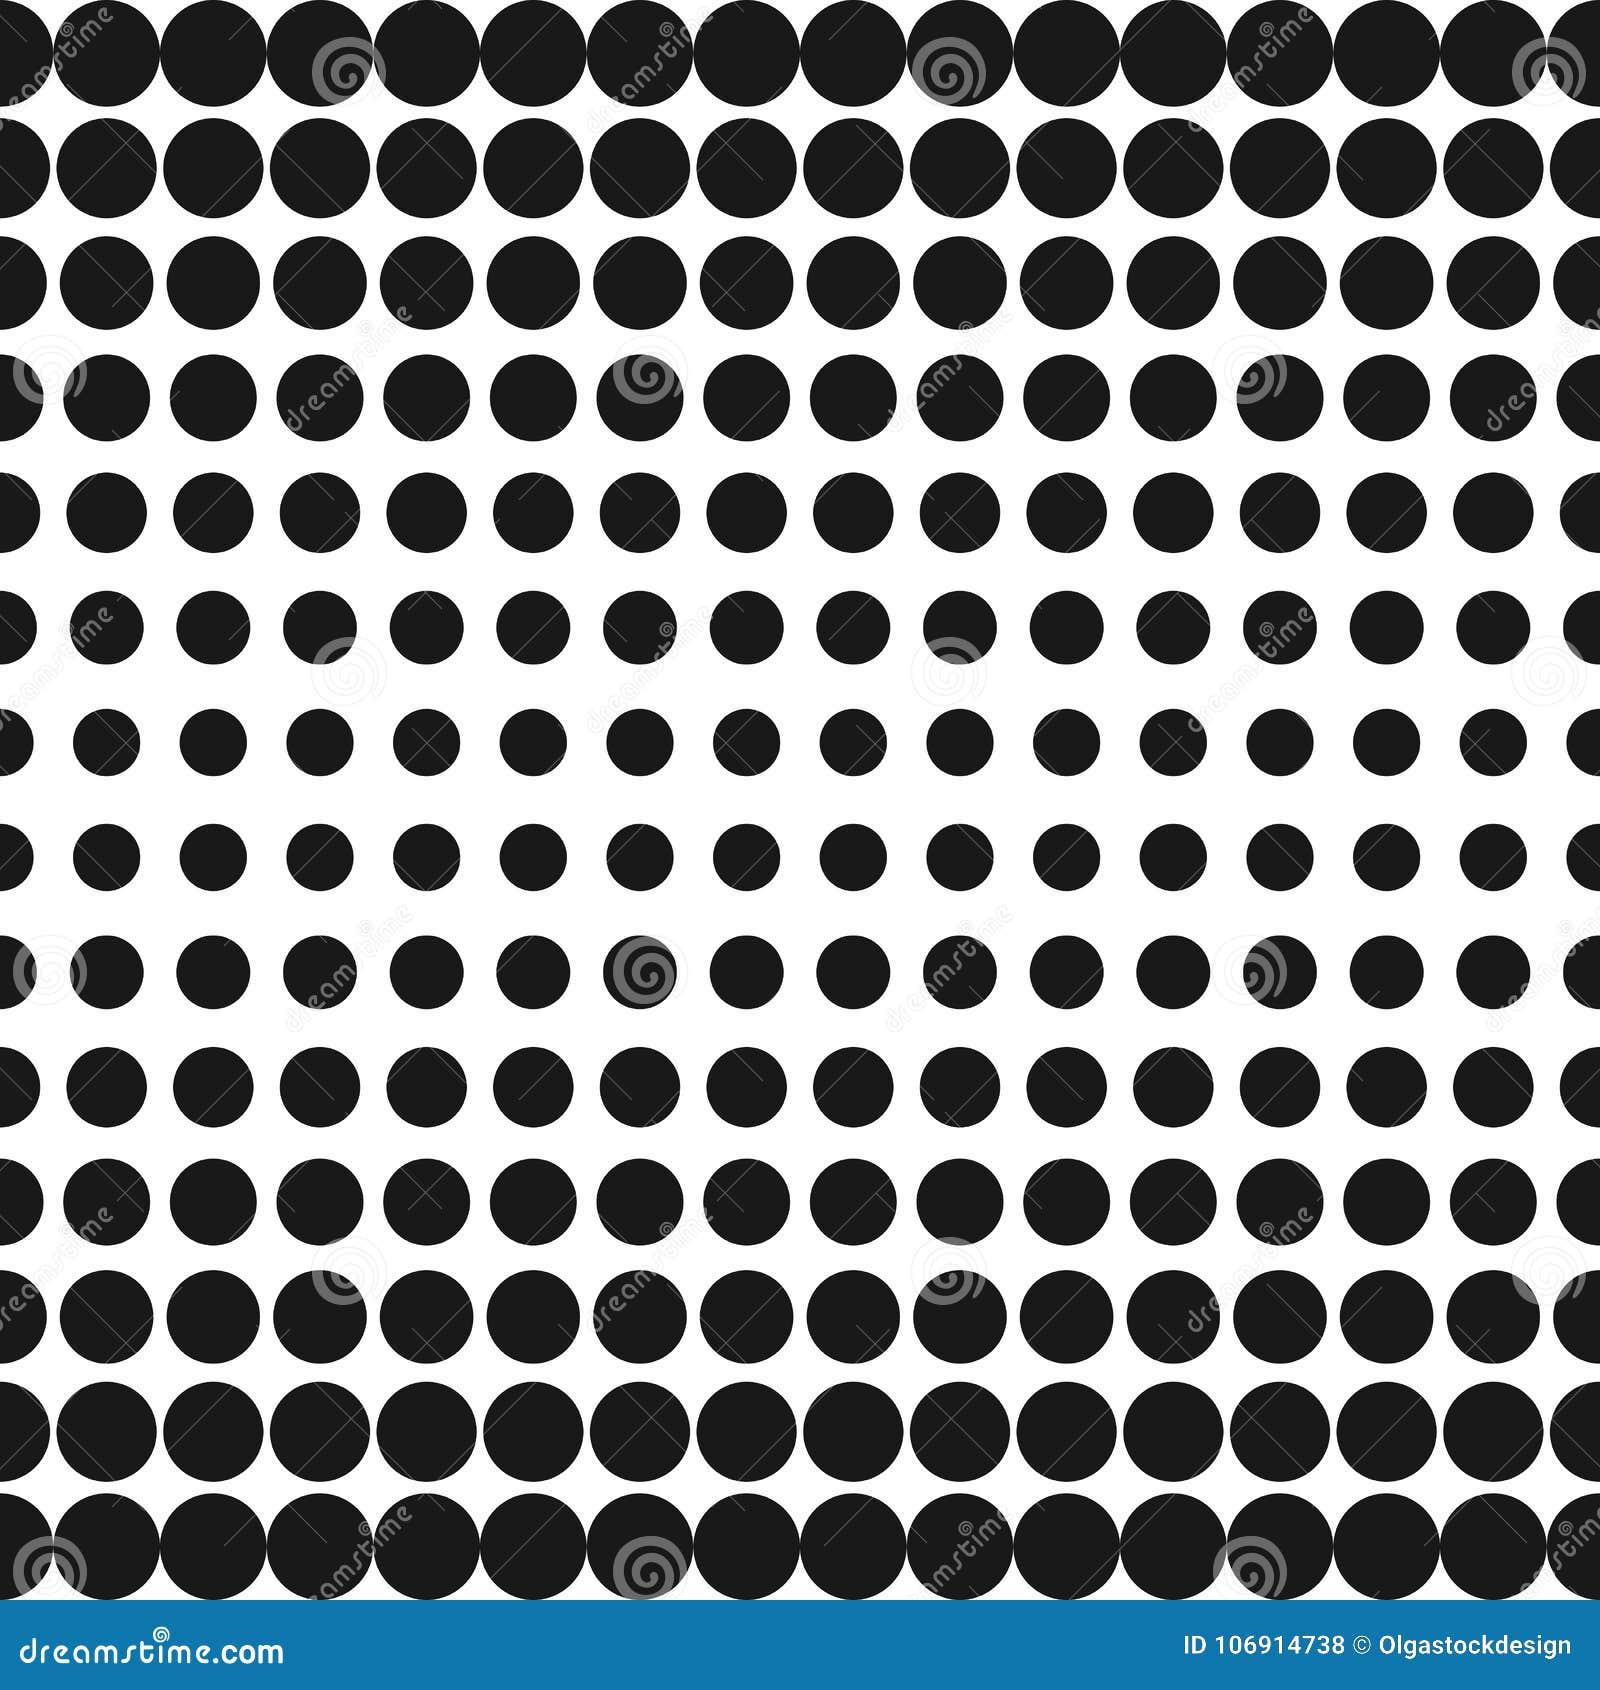 Wektorowa połówka - brzmienie okregów wzór nie stawiaj kropki nad   tła kolory w półtonach